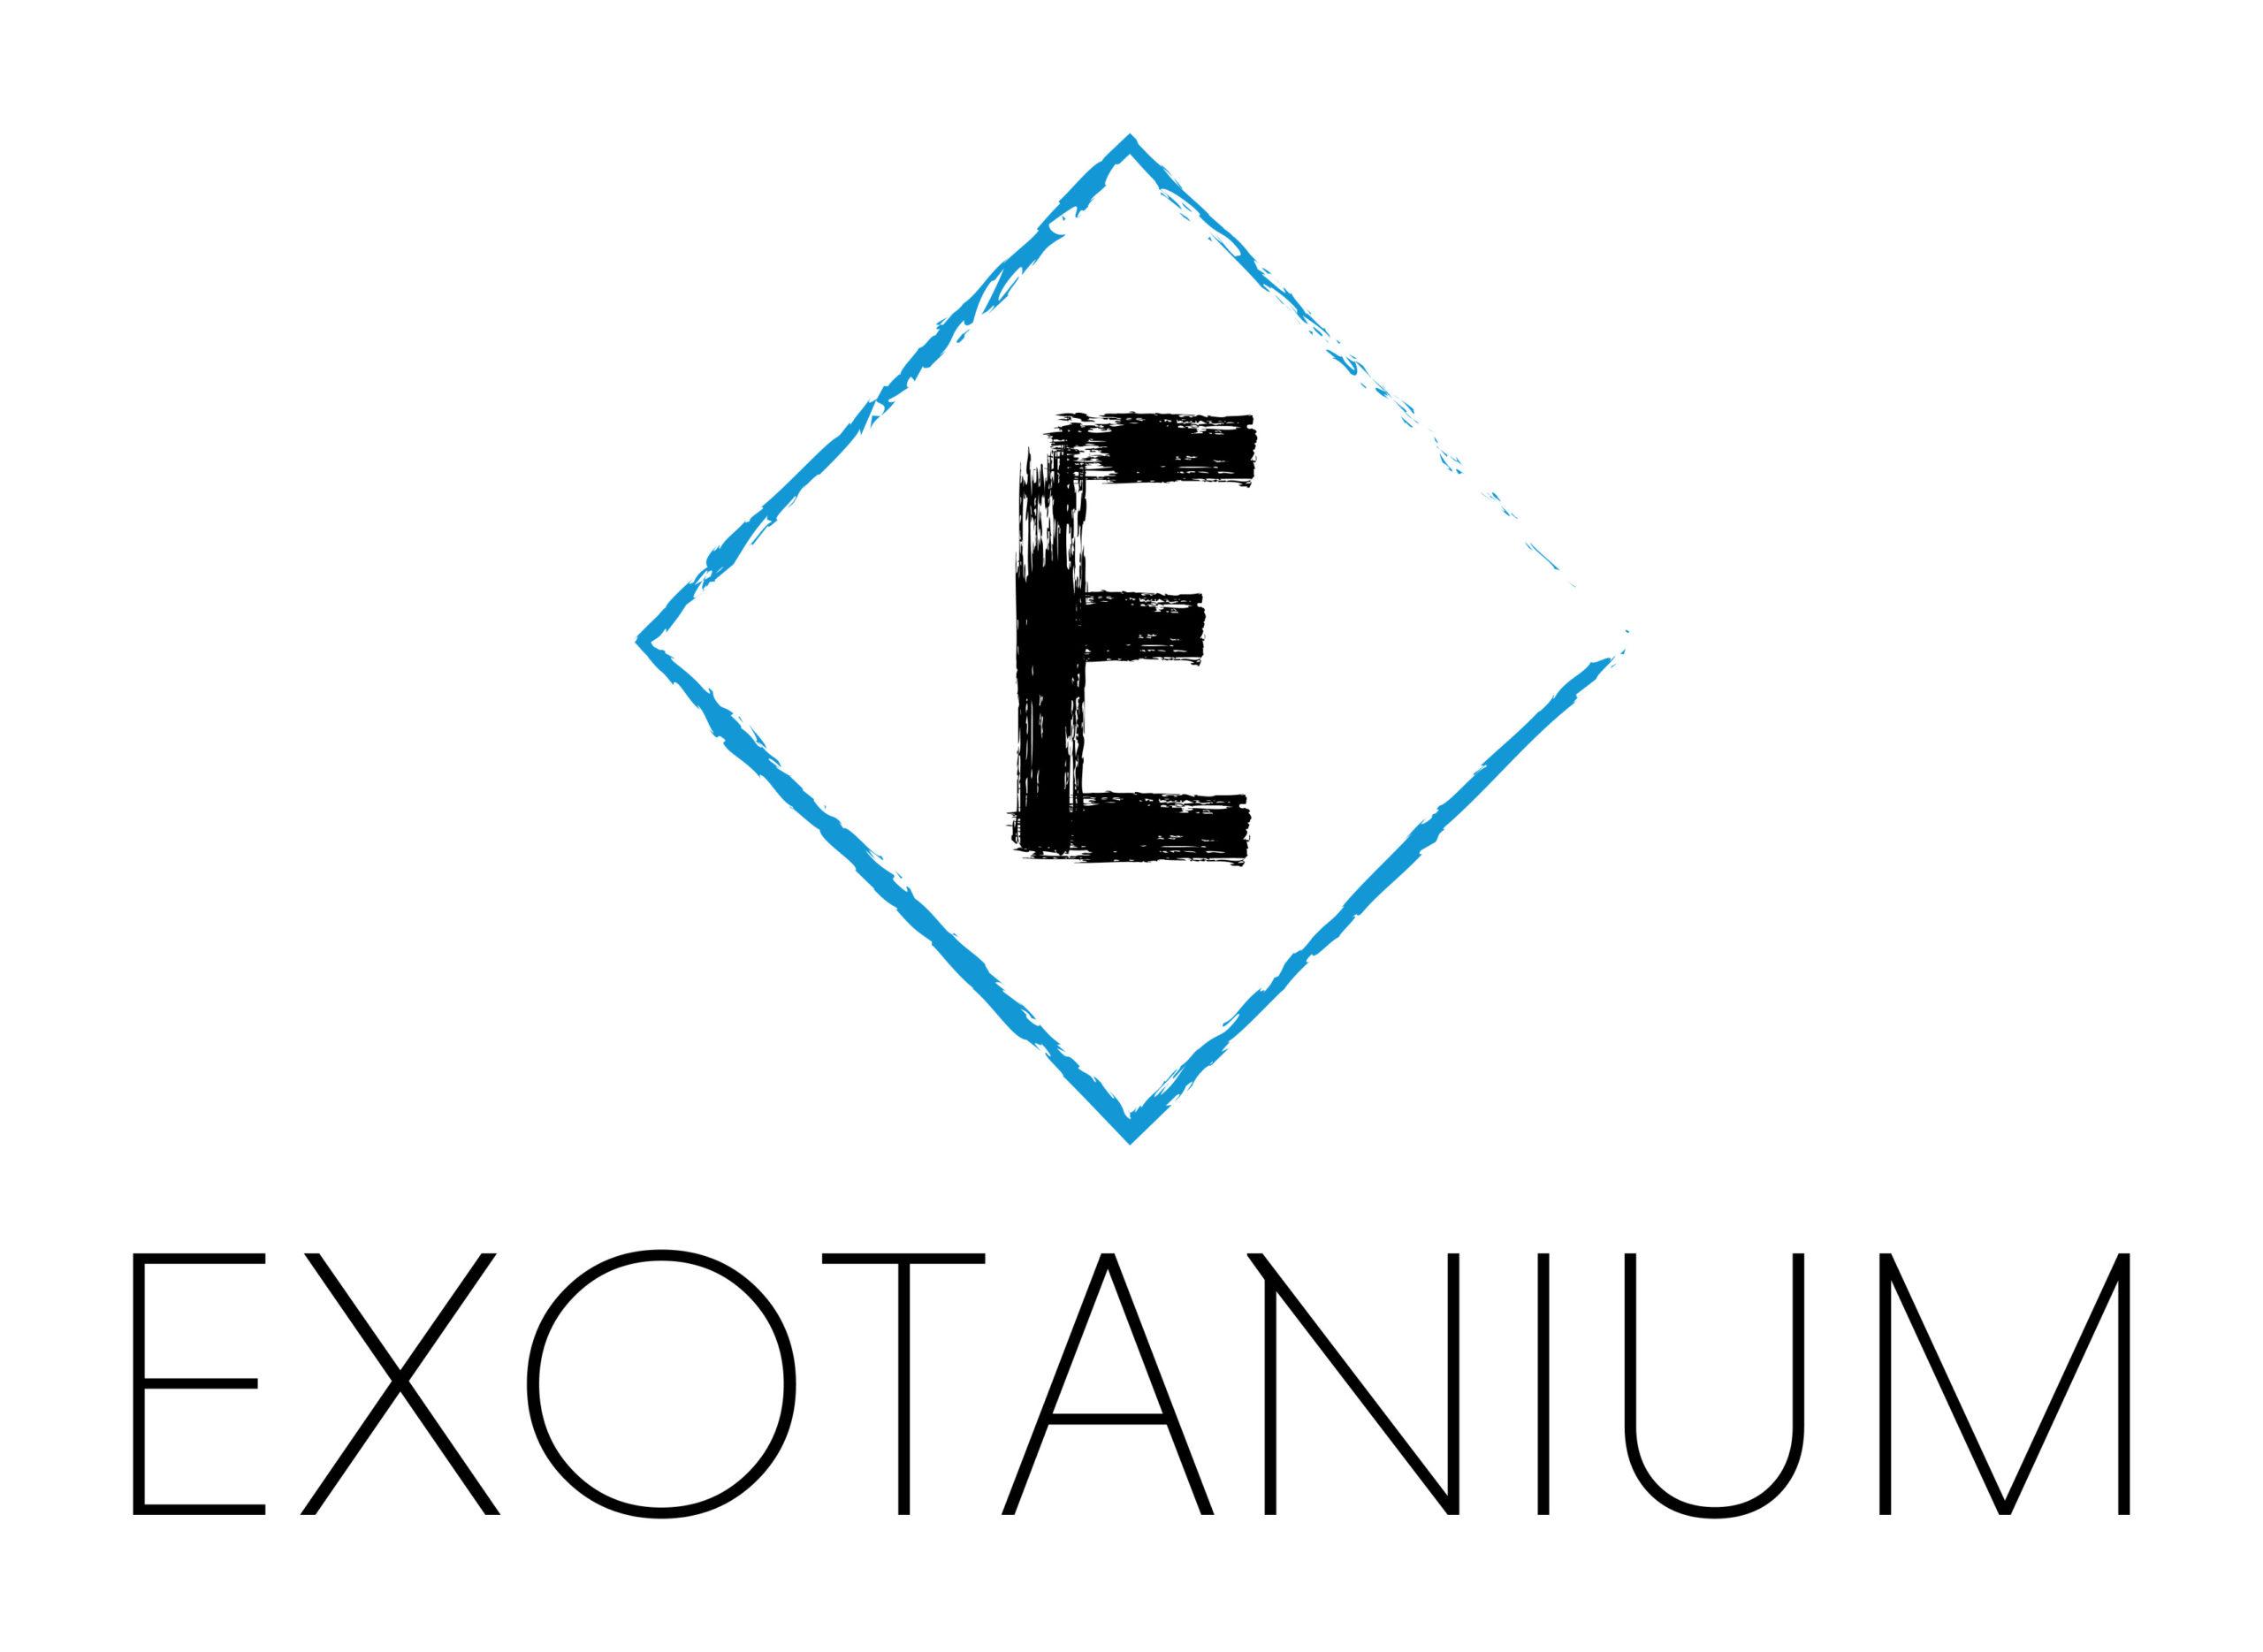 exotanium-logo